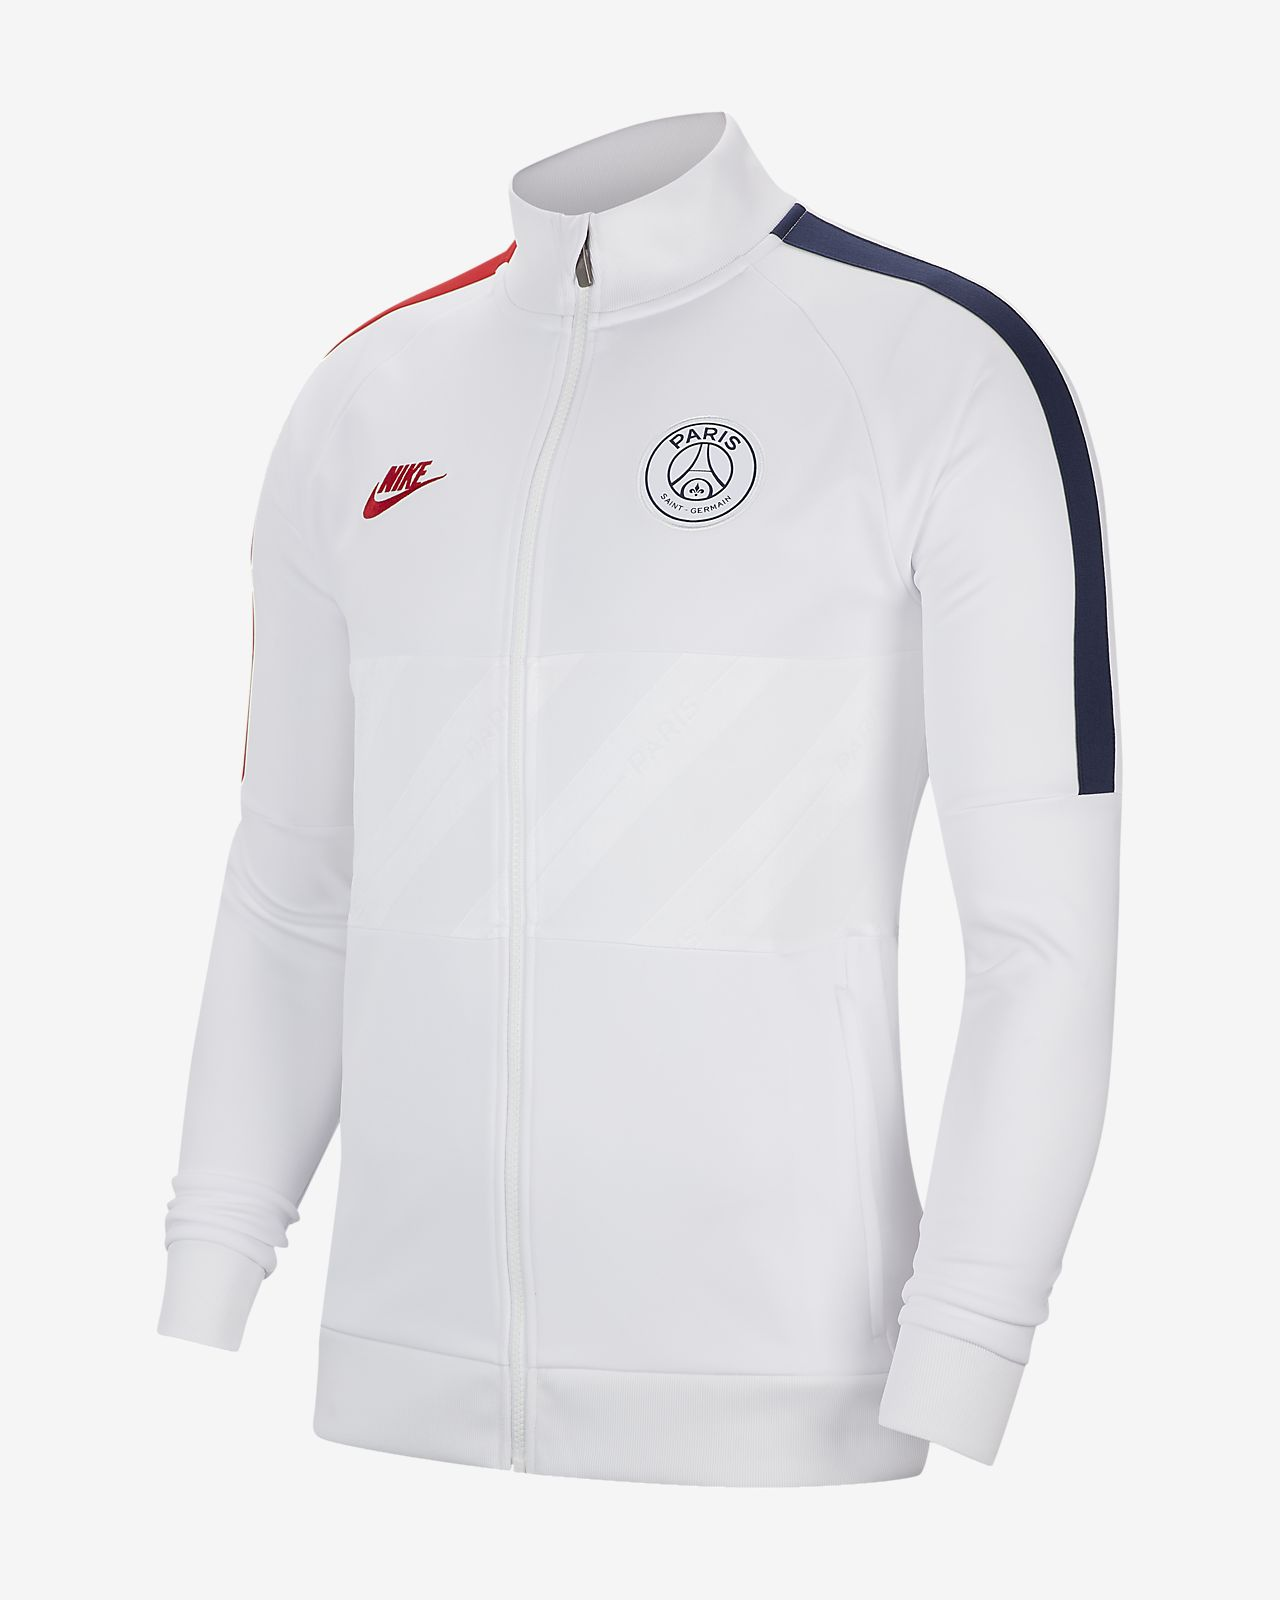 Jacka Paris Saint-Germain för män